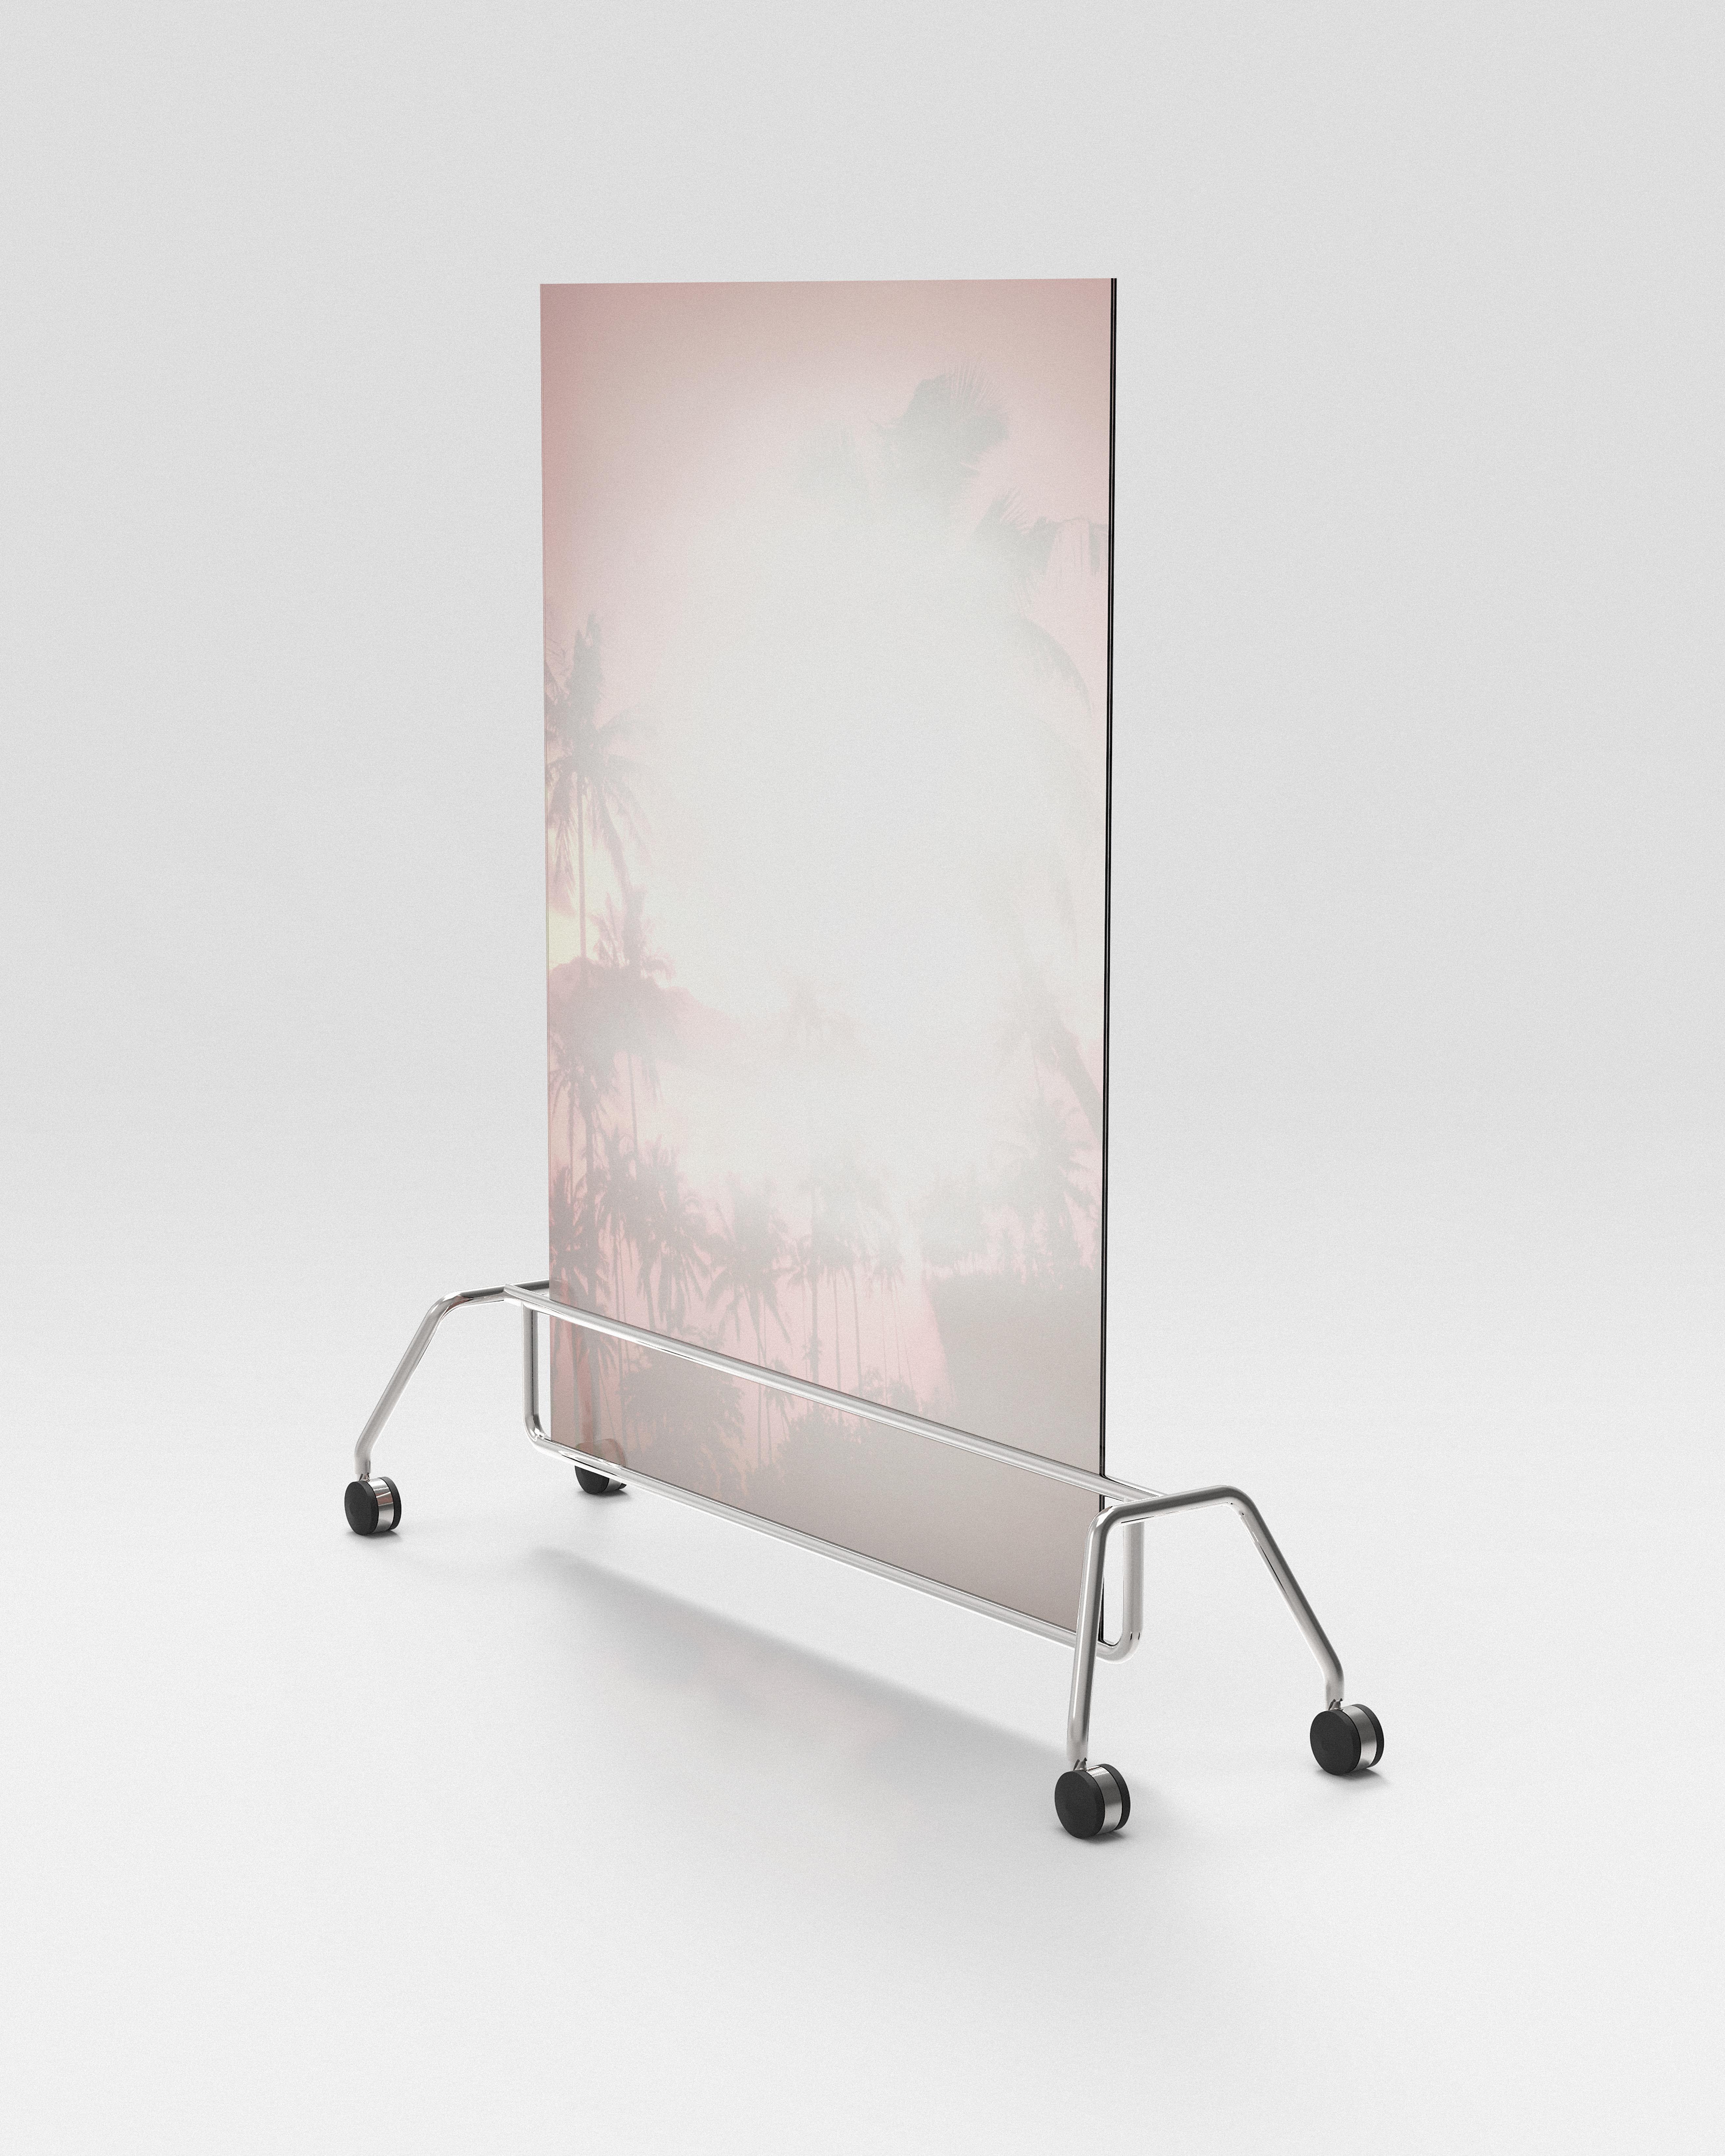 Benoit Jeannet, galerie Eric Mouchet, «Erased pacific Landscape» Tirage UV sur plexiglass Base en acier chromé sur roulette Edition de 1+2AP